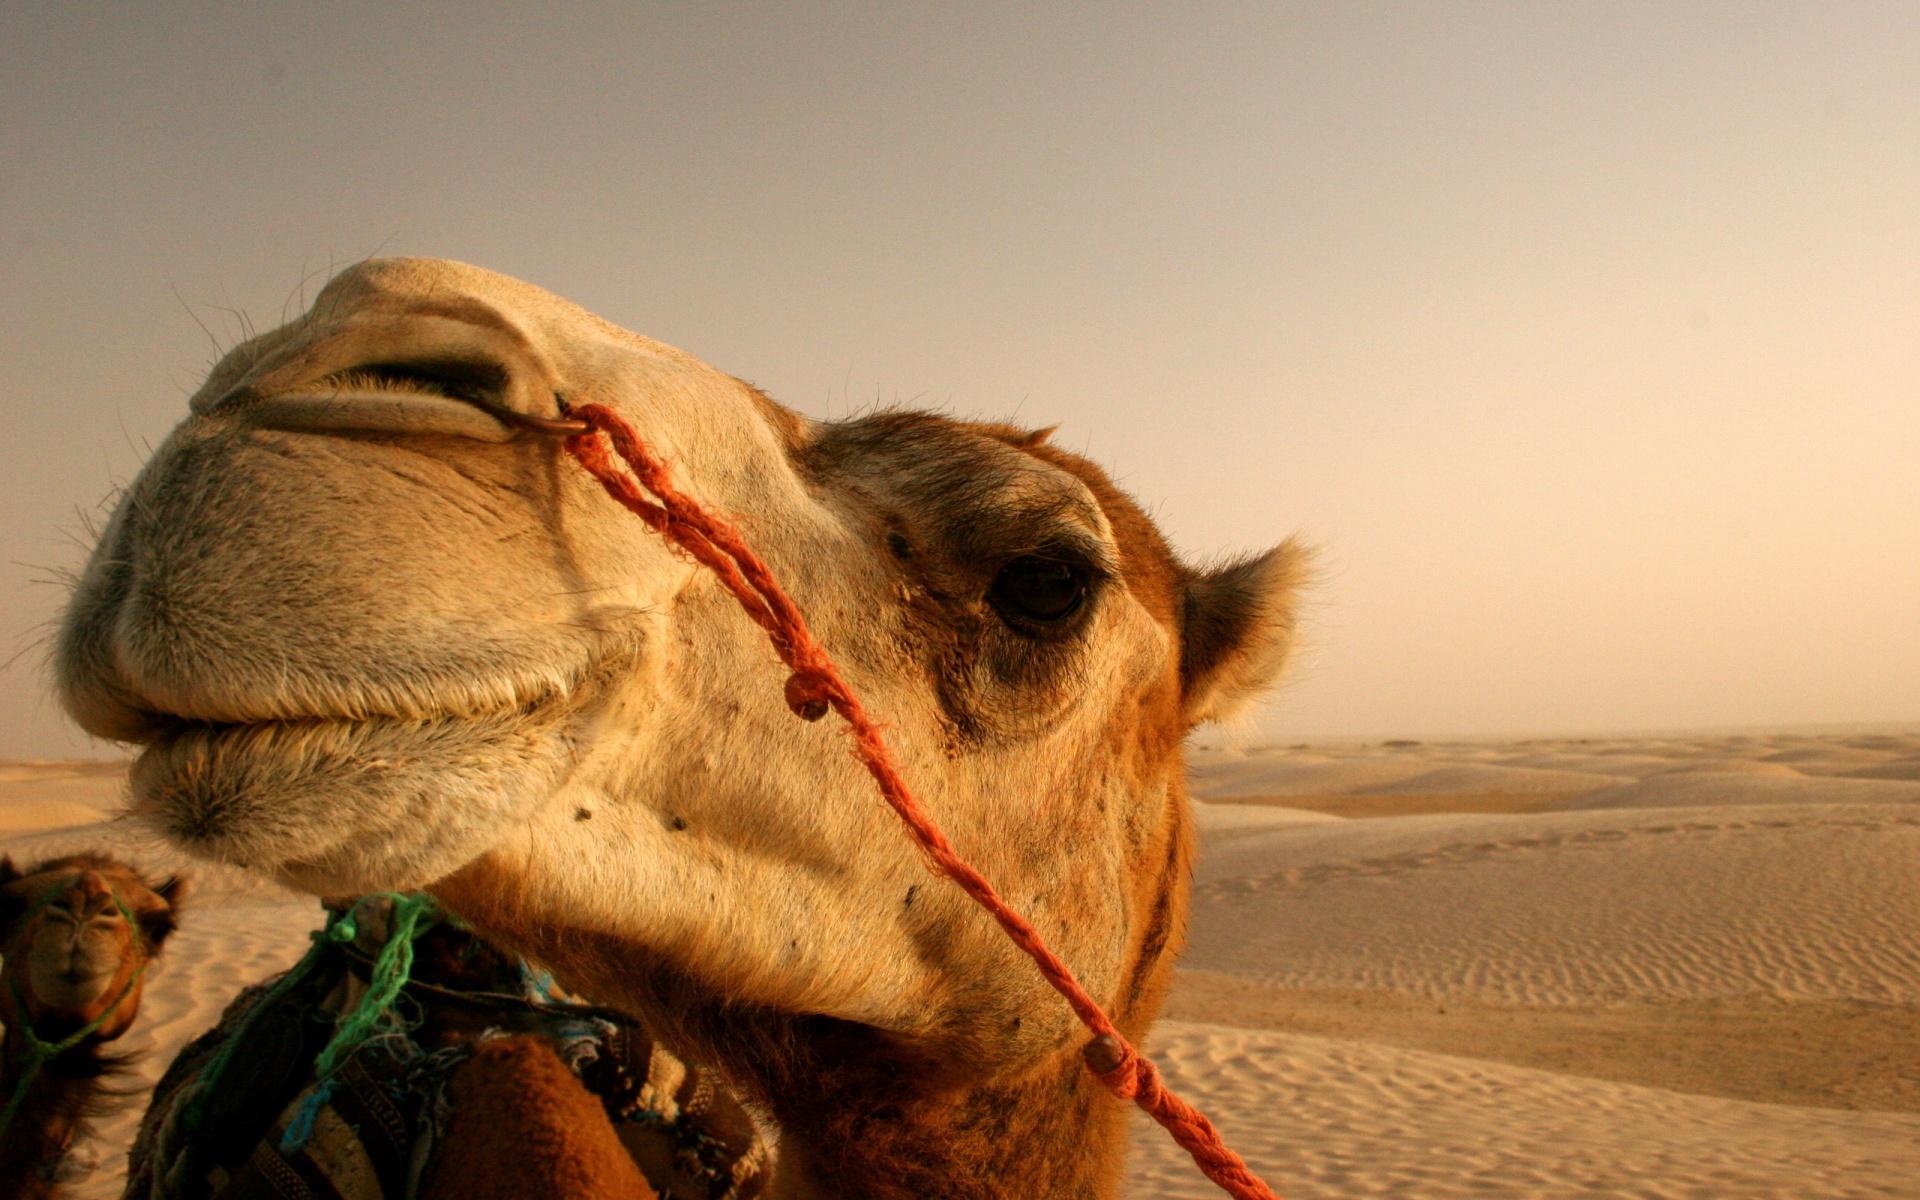 camel wallpaper hd